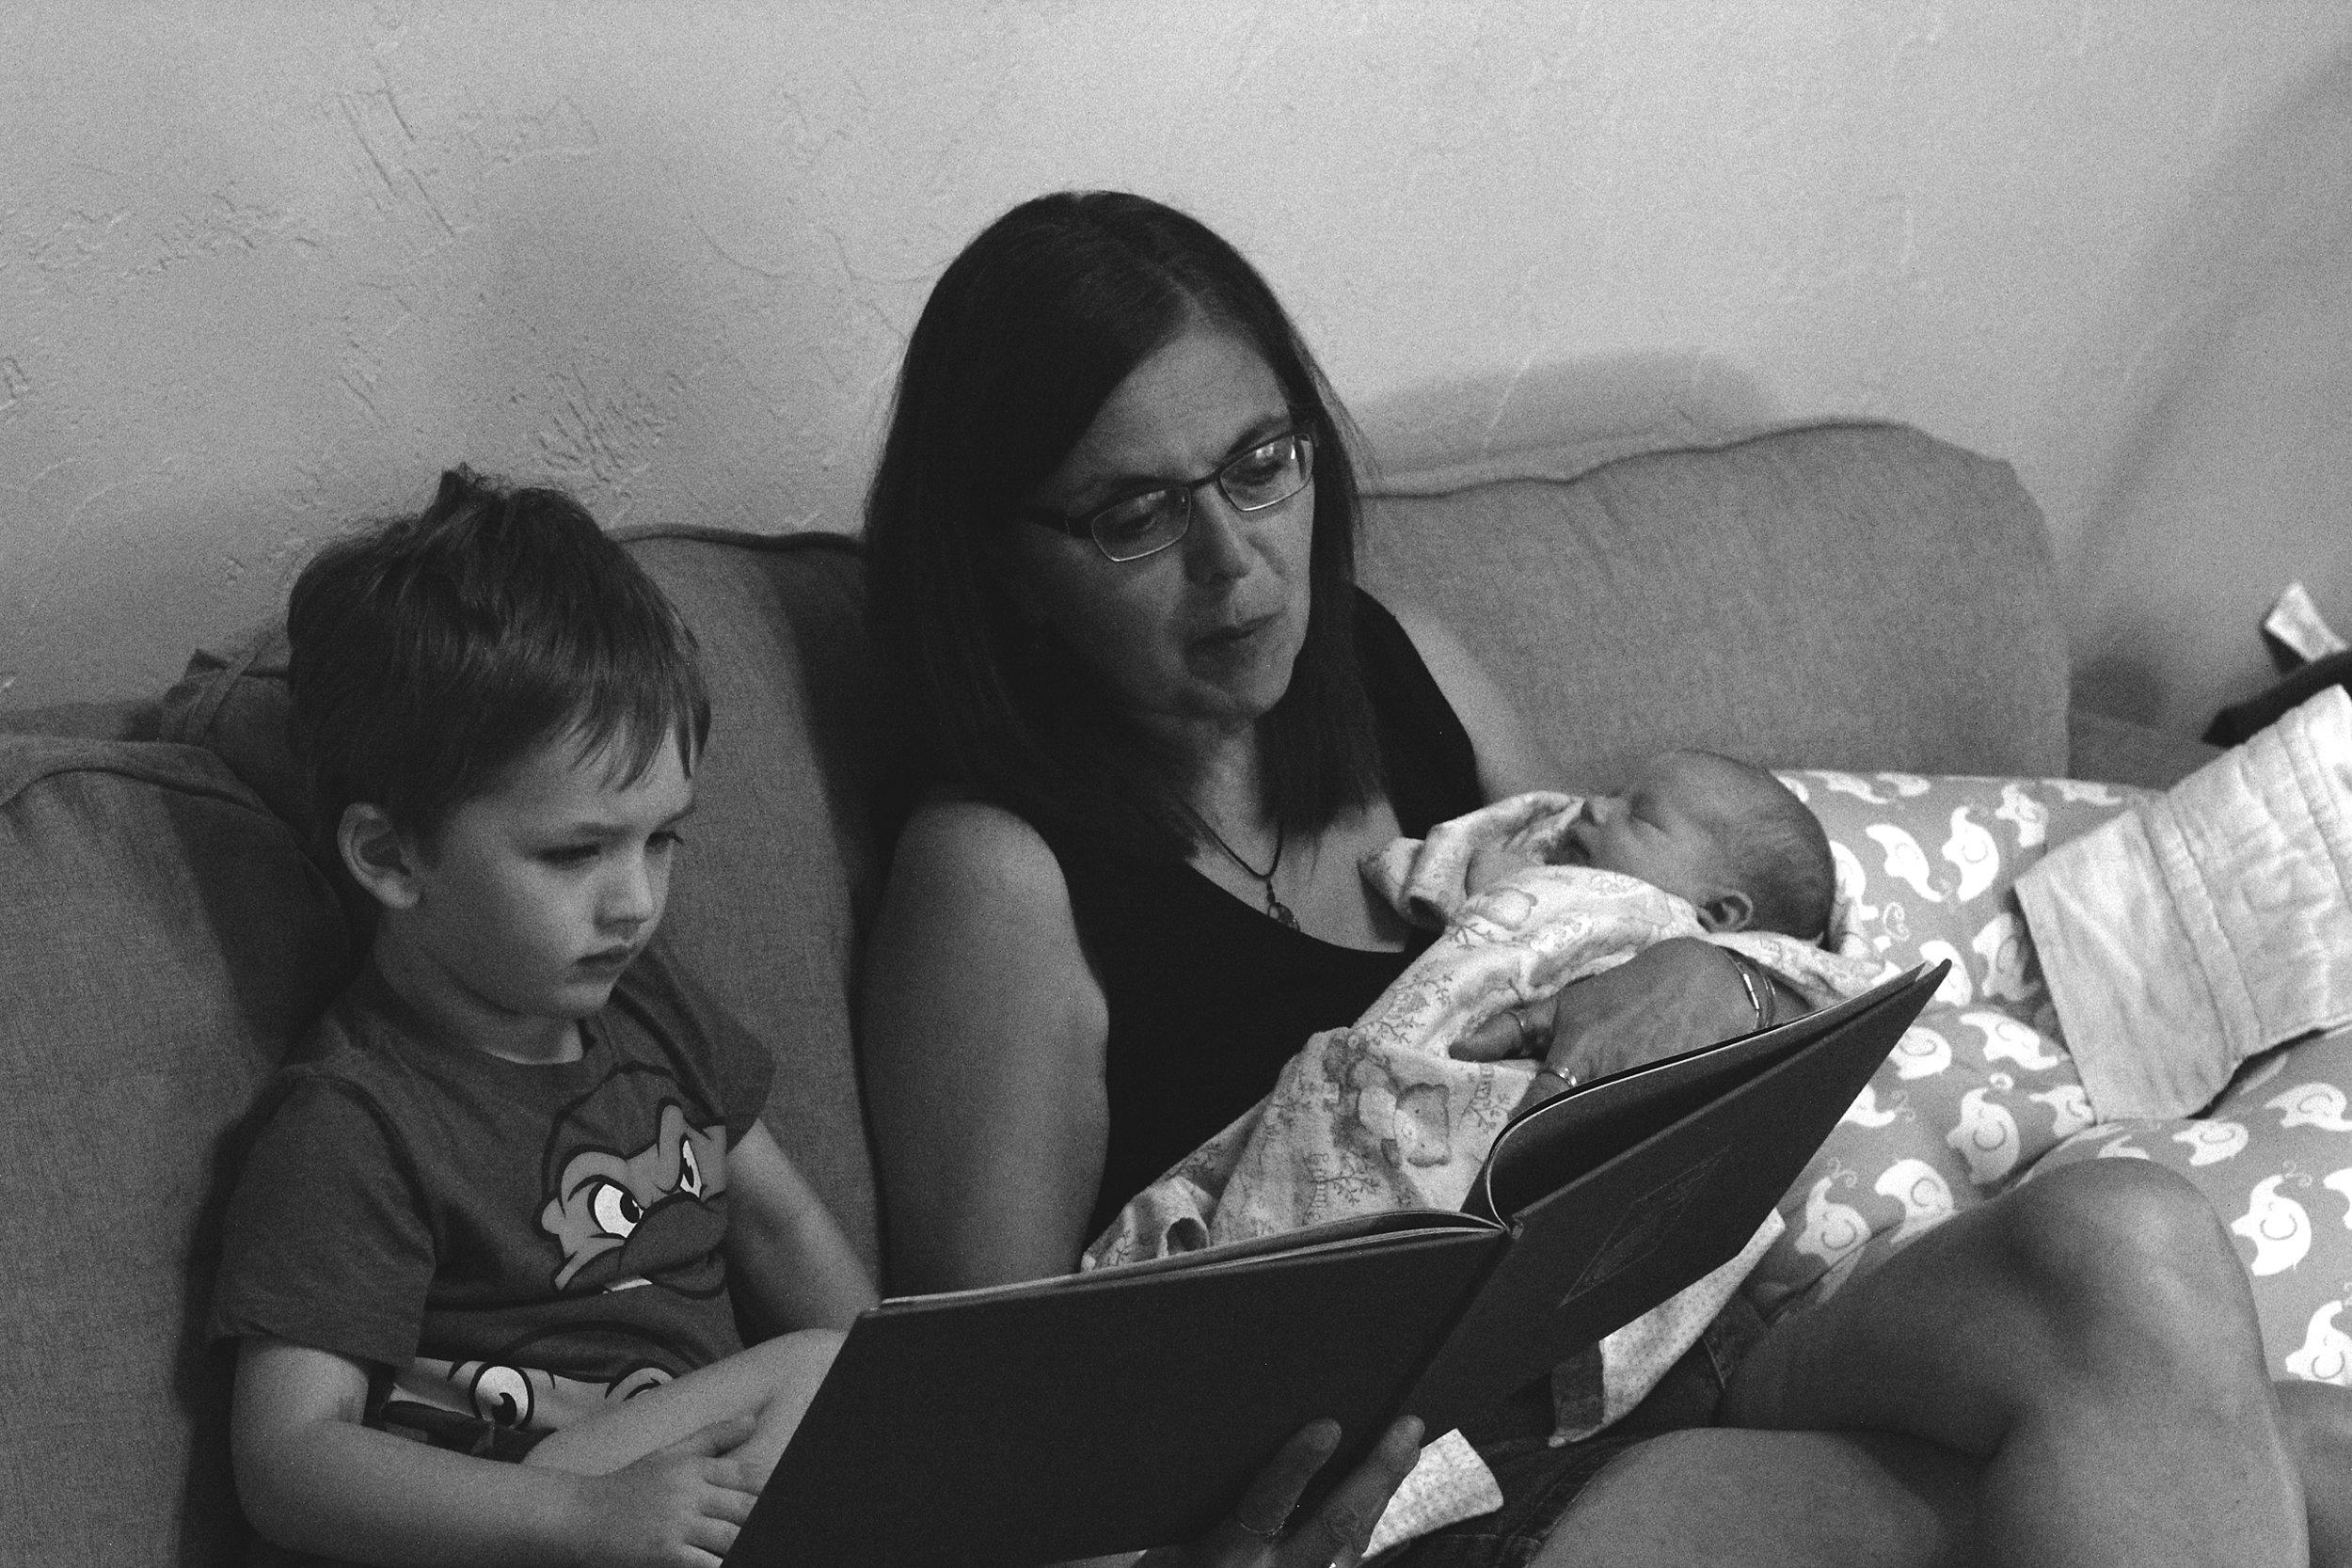 Grandma loves reading to her grandsons